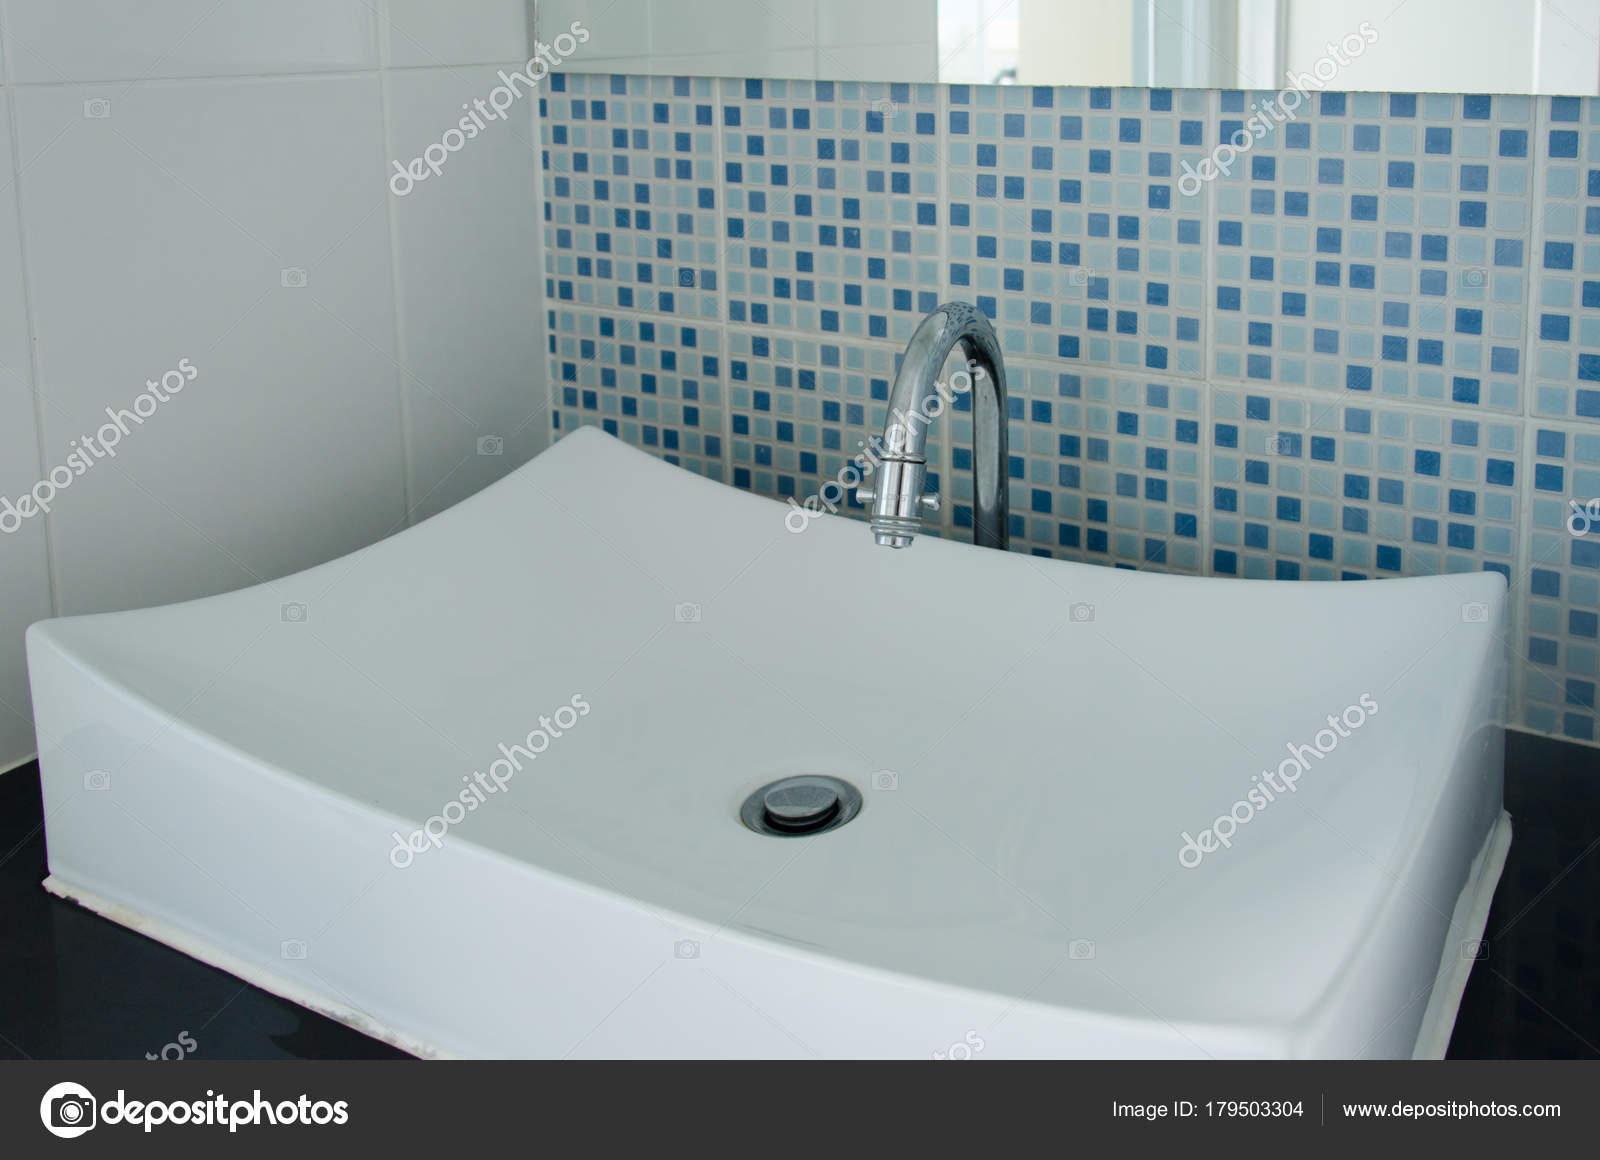 Wastafel voor de badkamer kanelle koperen effect wasbakken